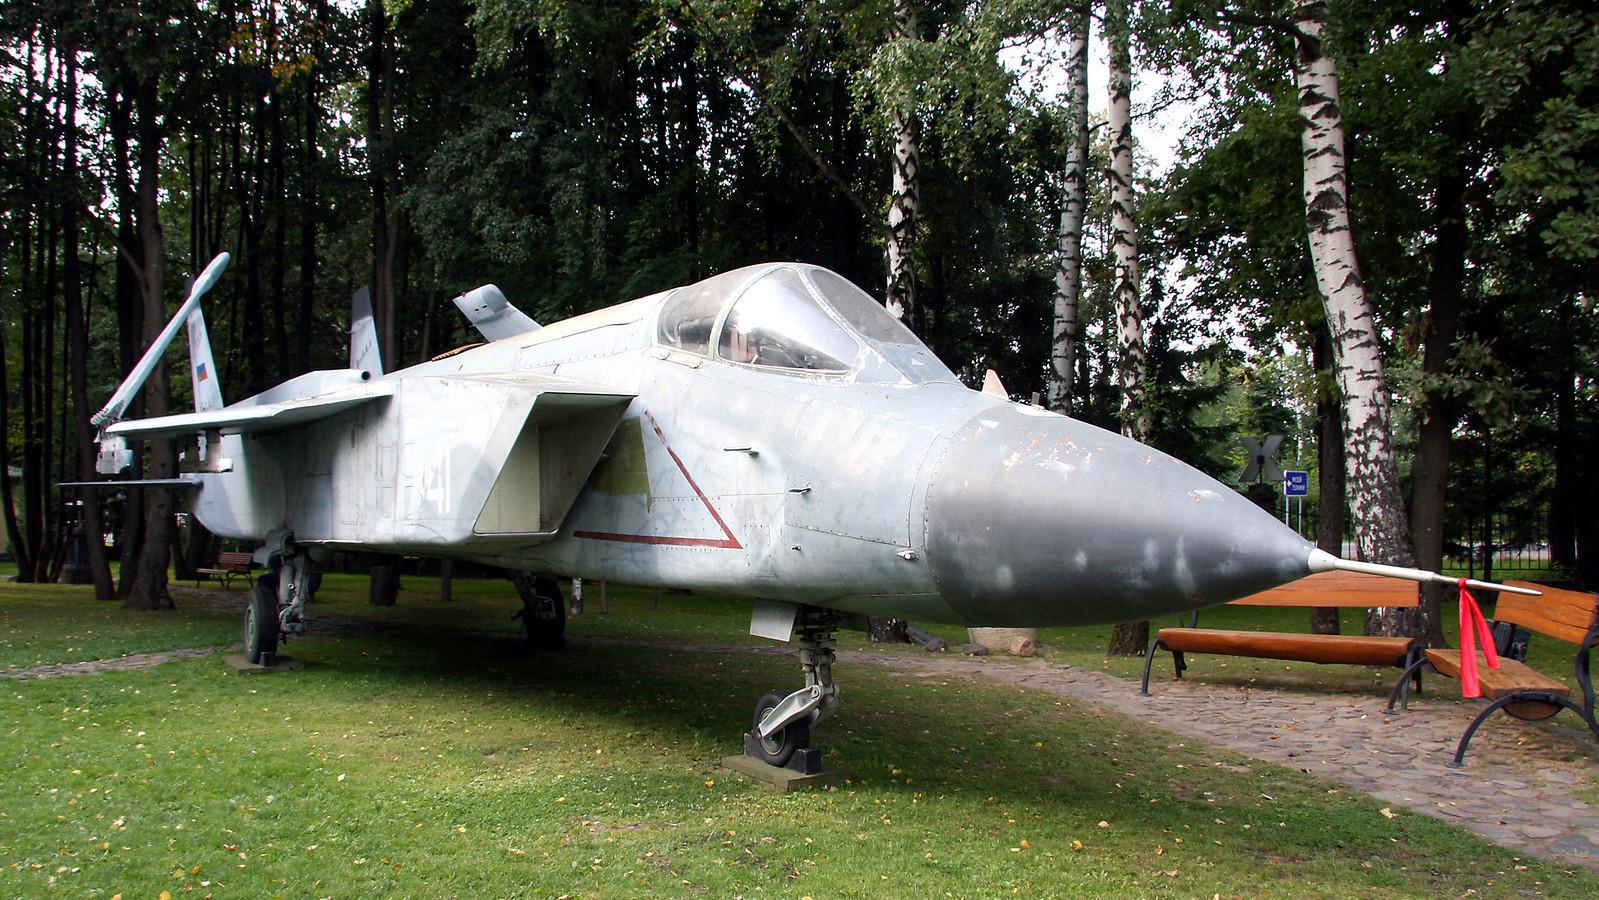 Јак-141 у музеју Вадима Задорожног